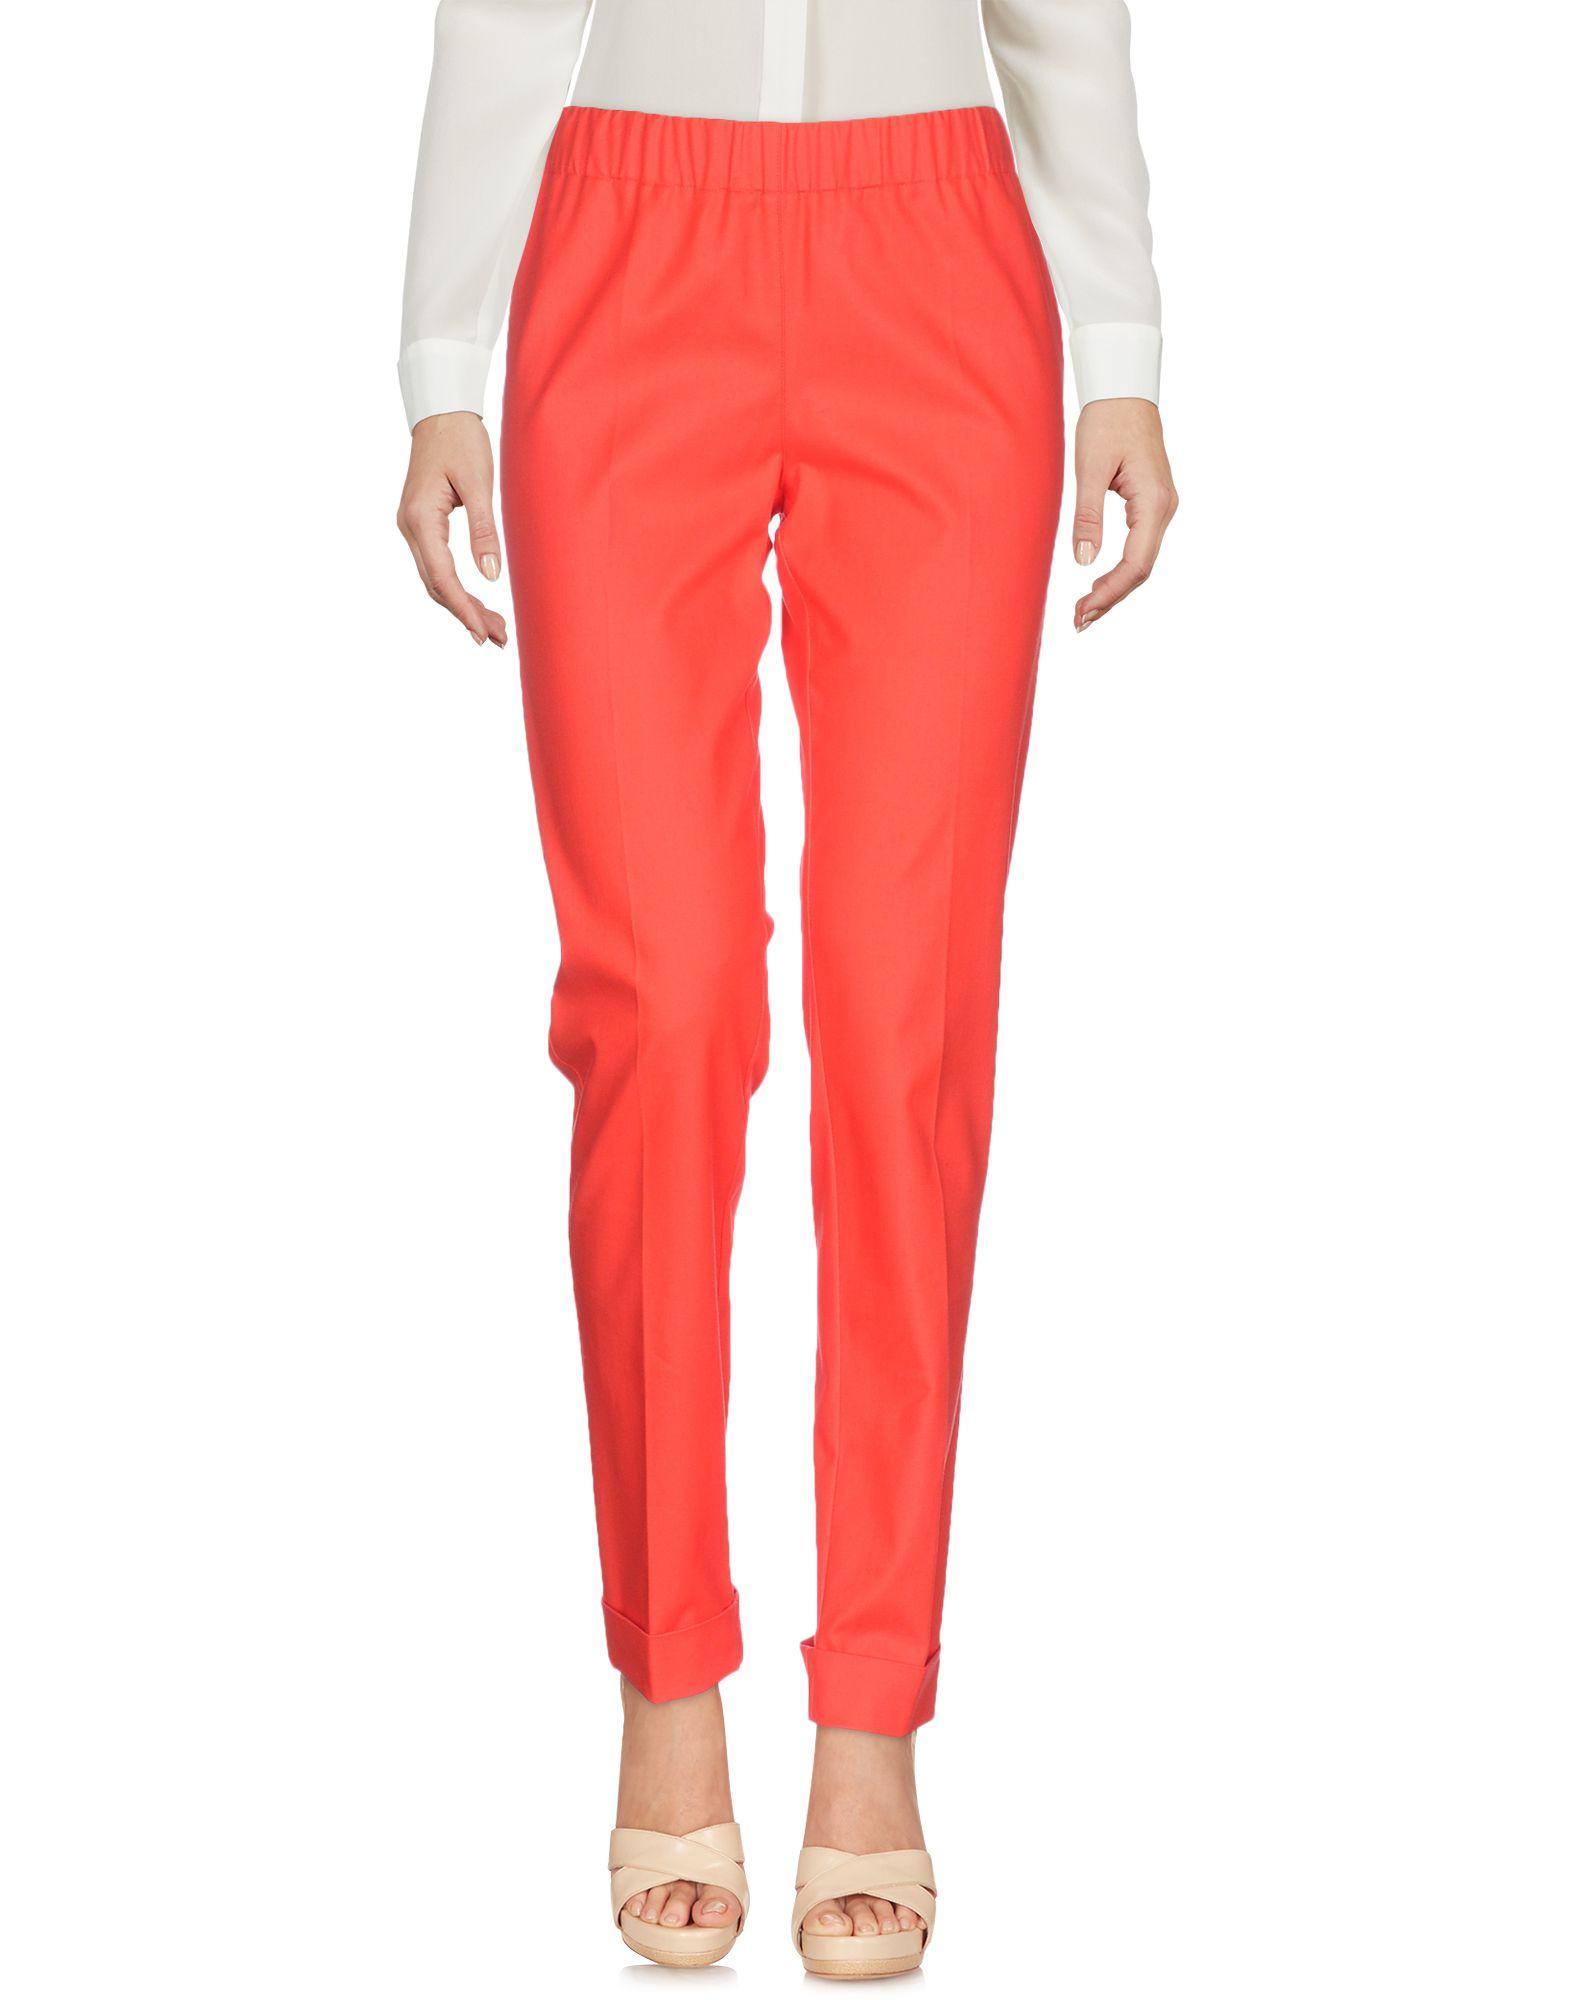 Pantalone P.A.R.O.S.H. Donna - Acquista online su